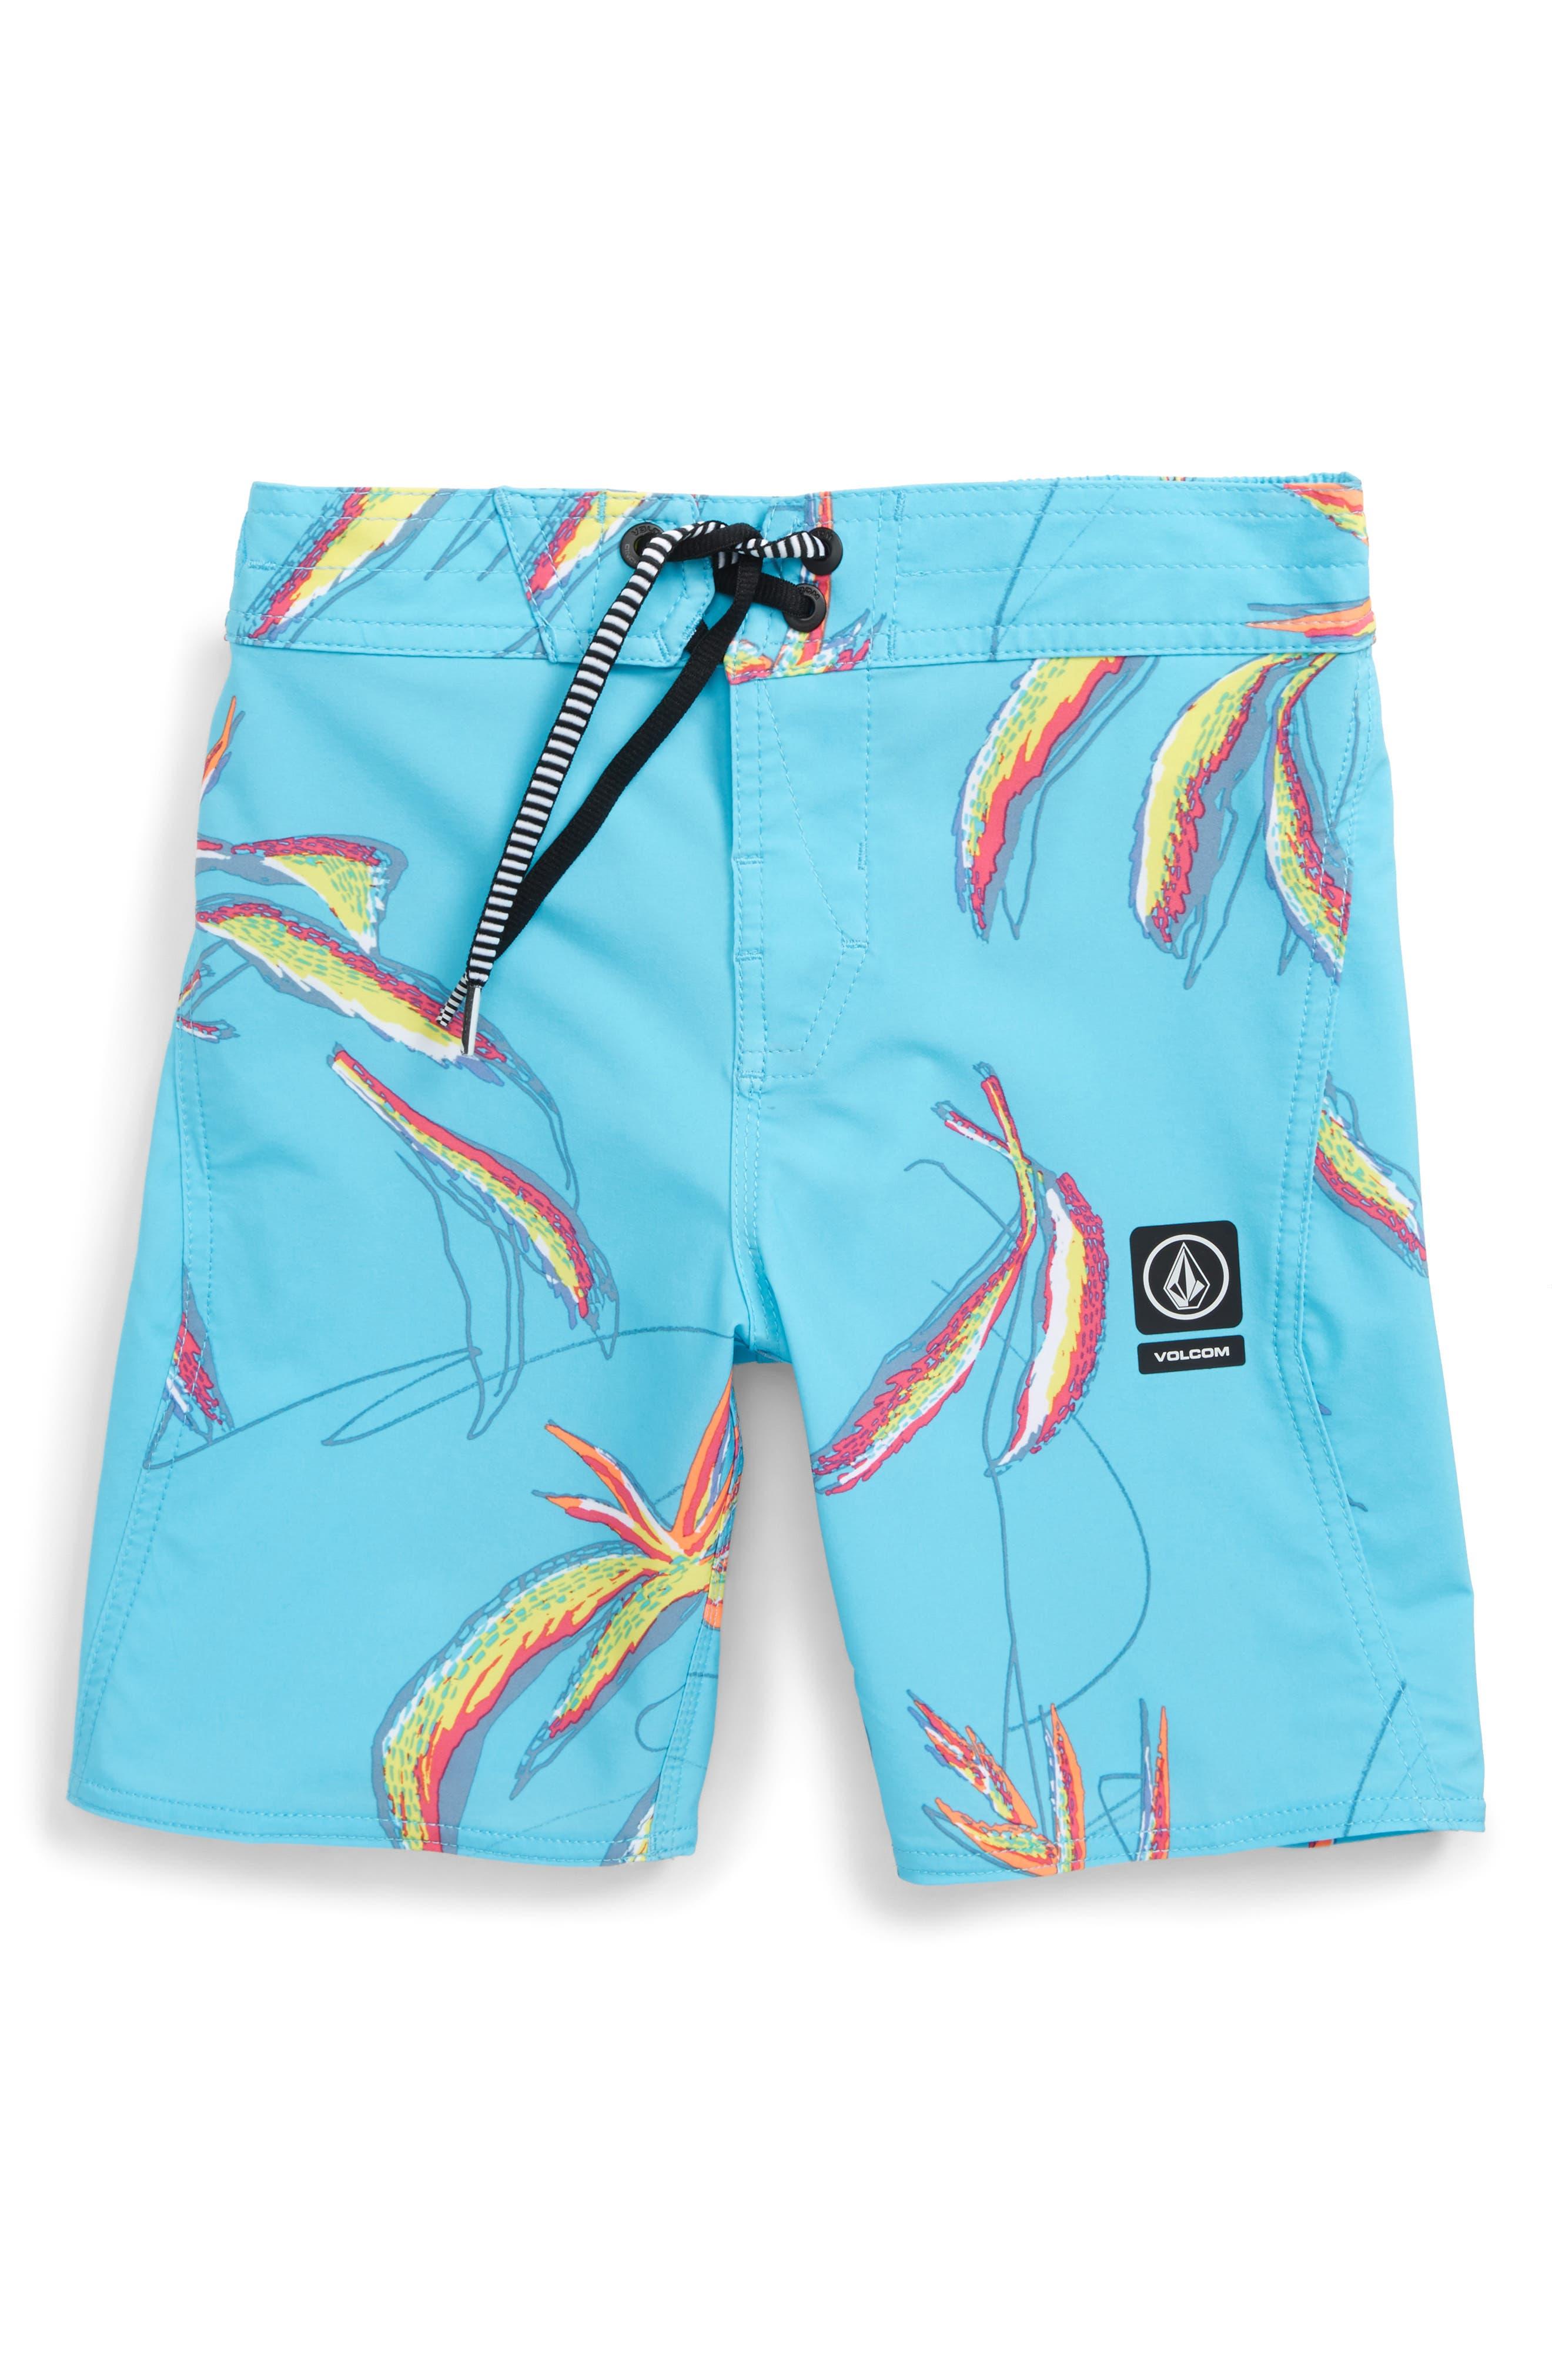 Tropical Print Board Shorts,                         Main,                         color, Dusty Aqua